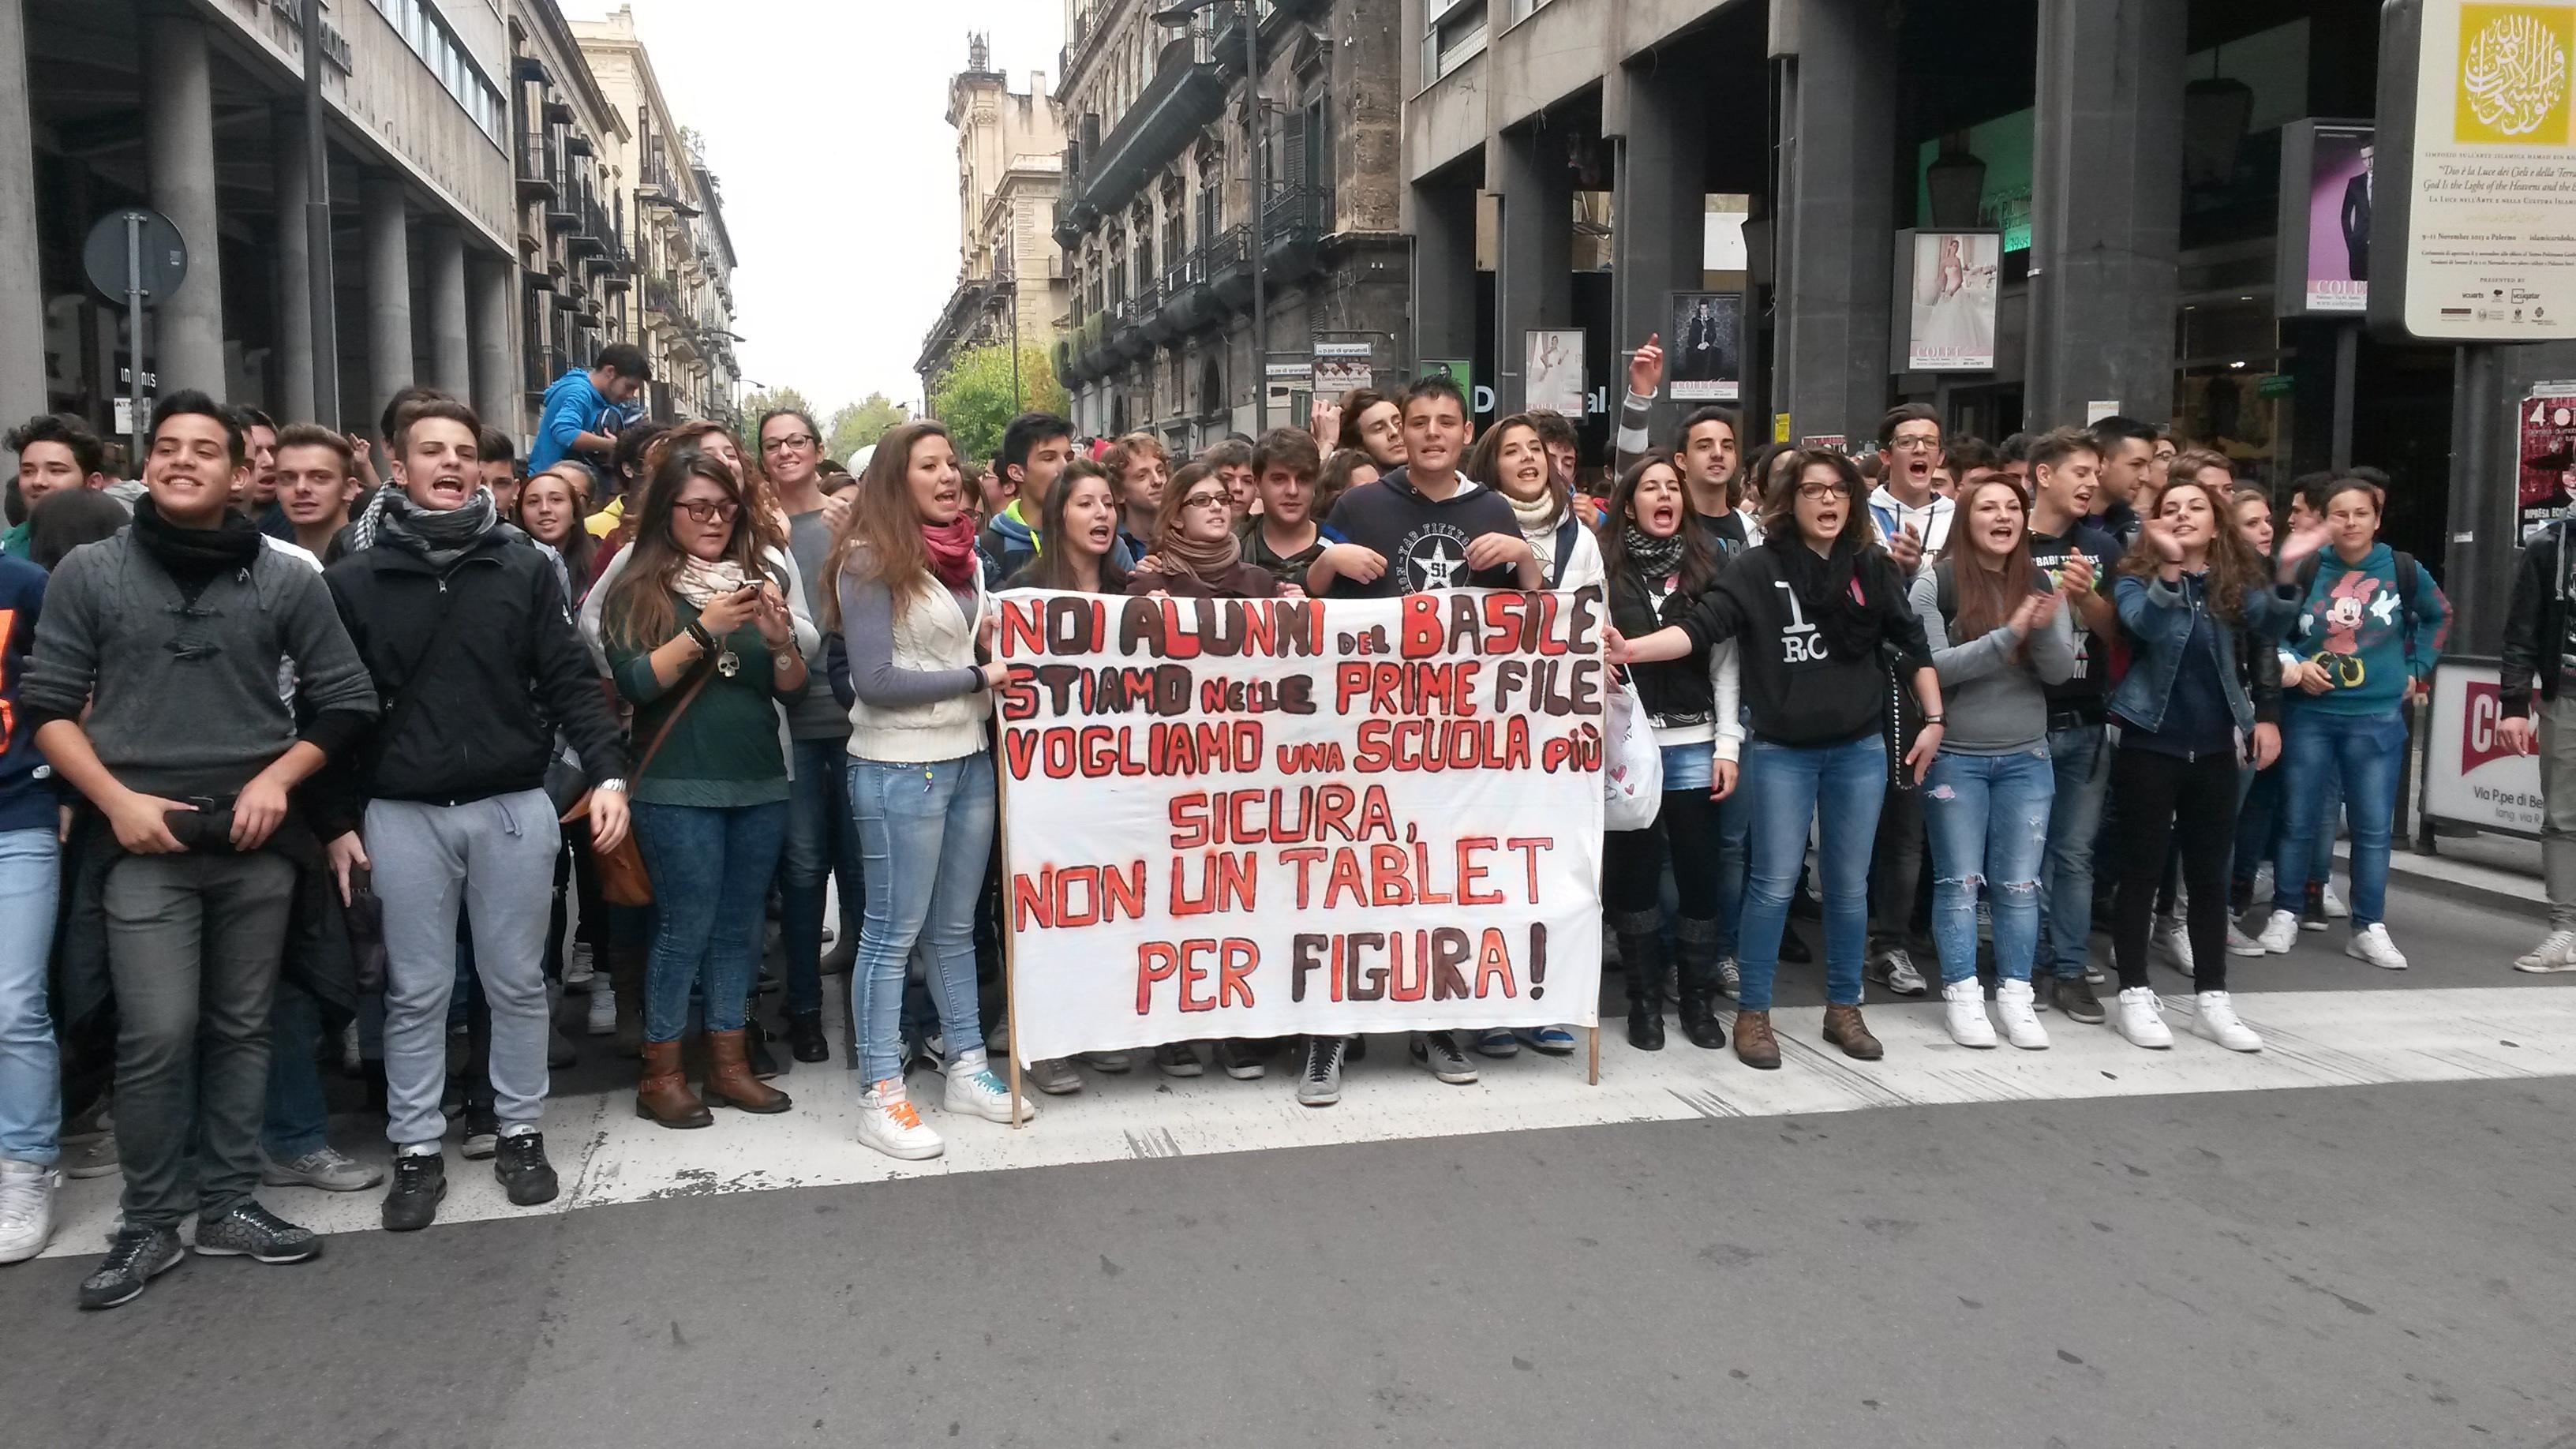 Legge di Stabilità, cortei in tutta Italia | Scontri e proteste da Milano a Palermo